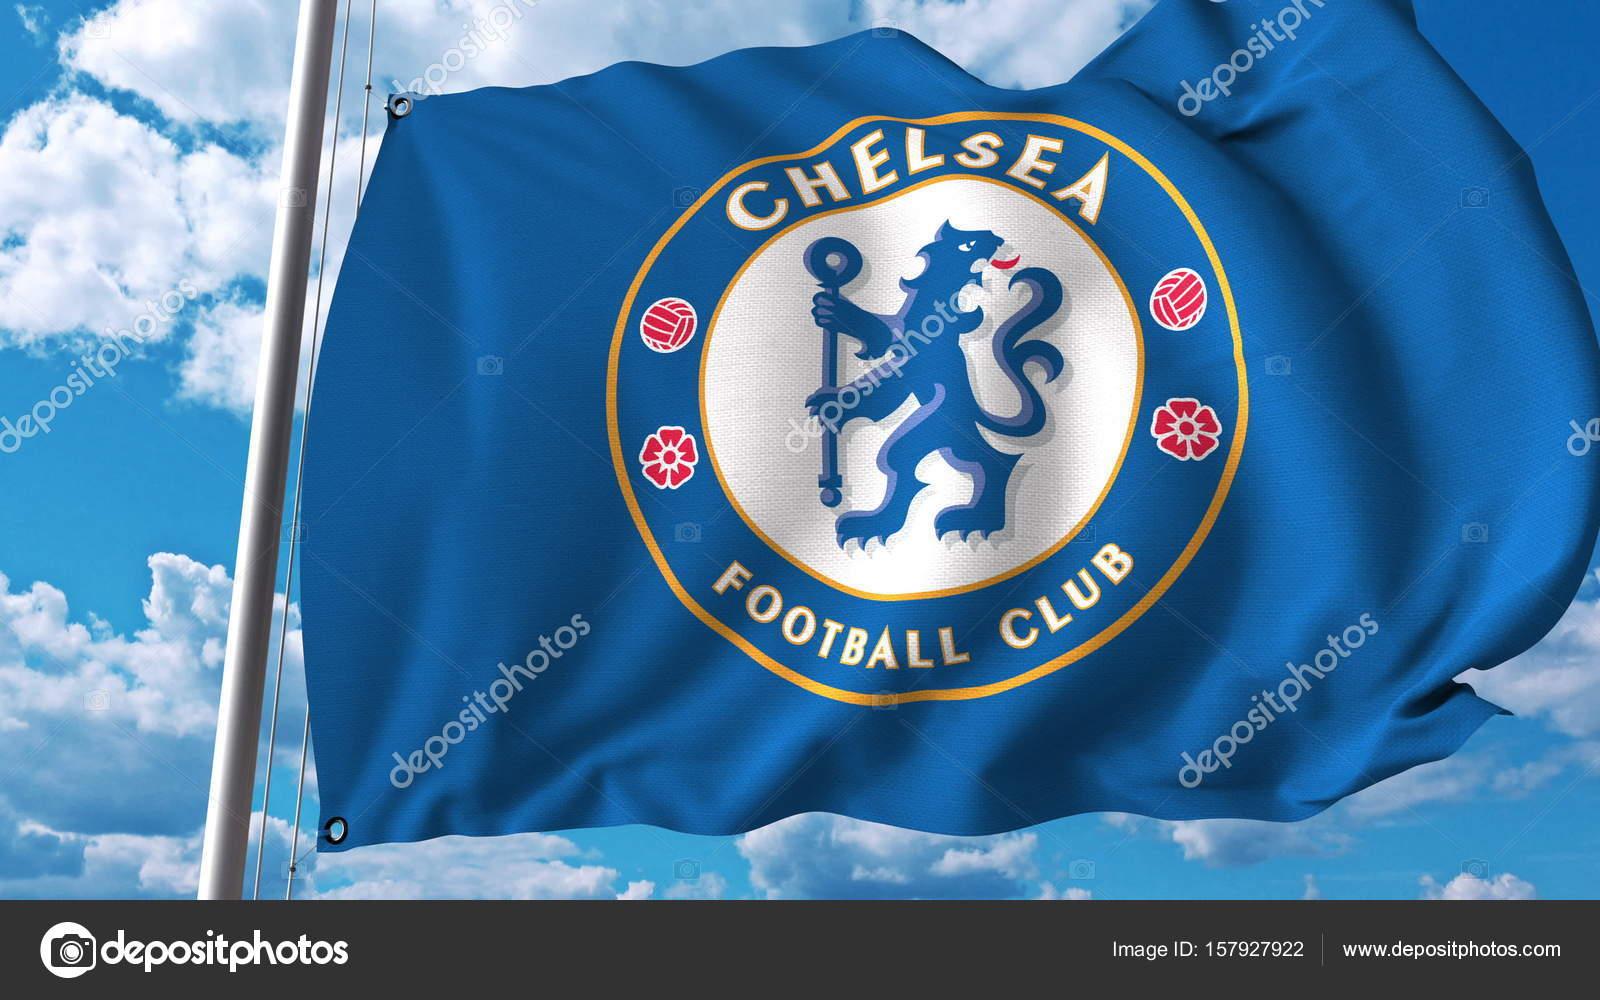 e558f29f38195 Agitando a bandeira com o logotipo de time de Futebol Chelsea. Editorial 3d  — Foto de alexeynovikov